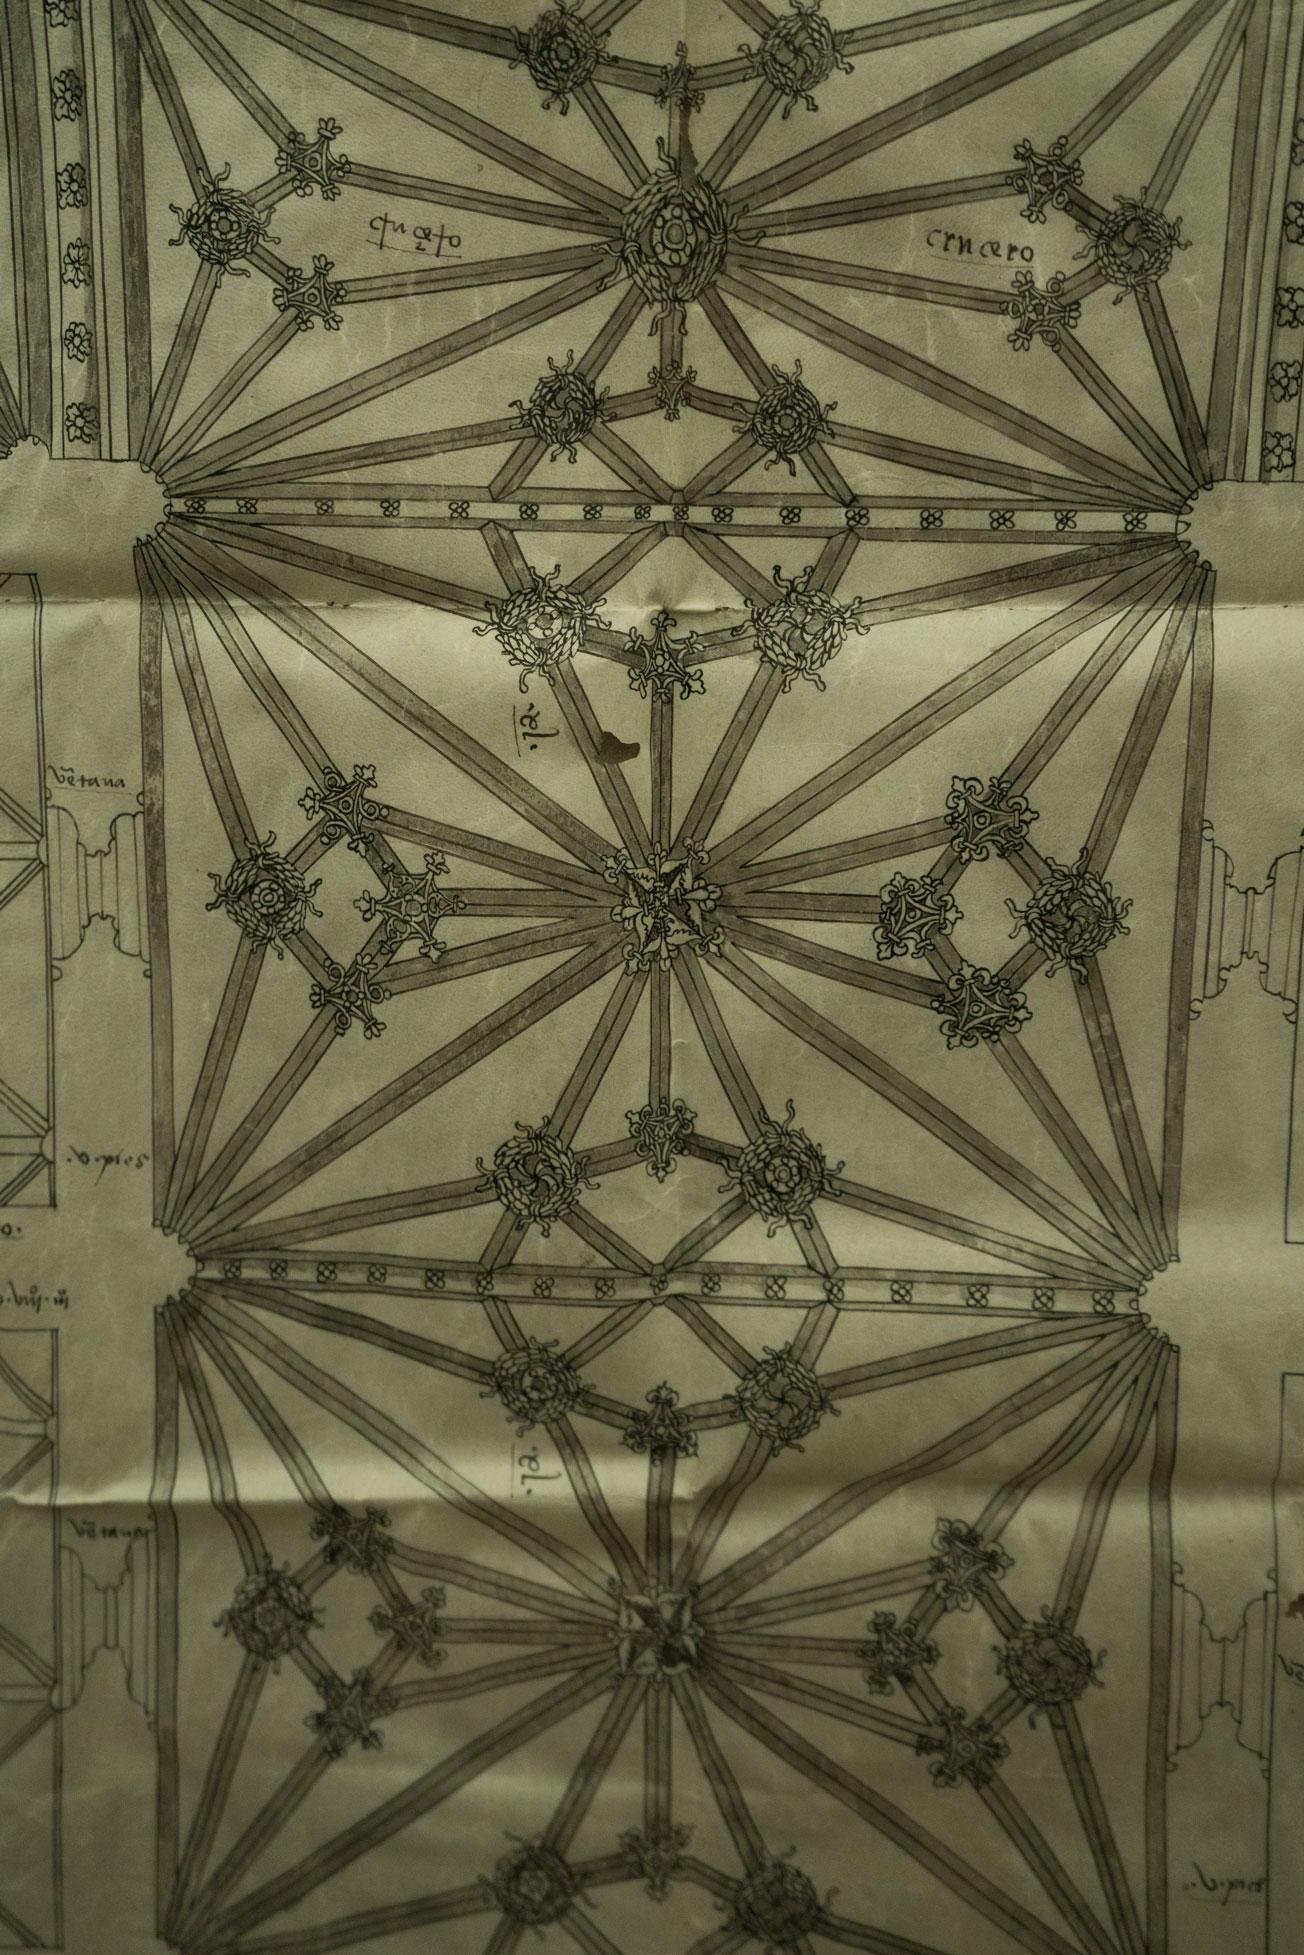 Planos originales Catedral